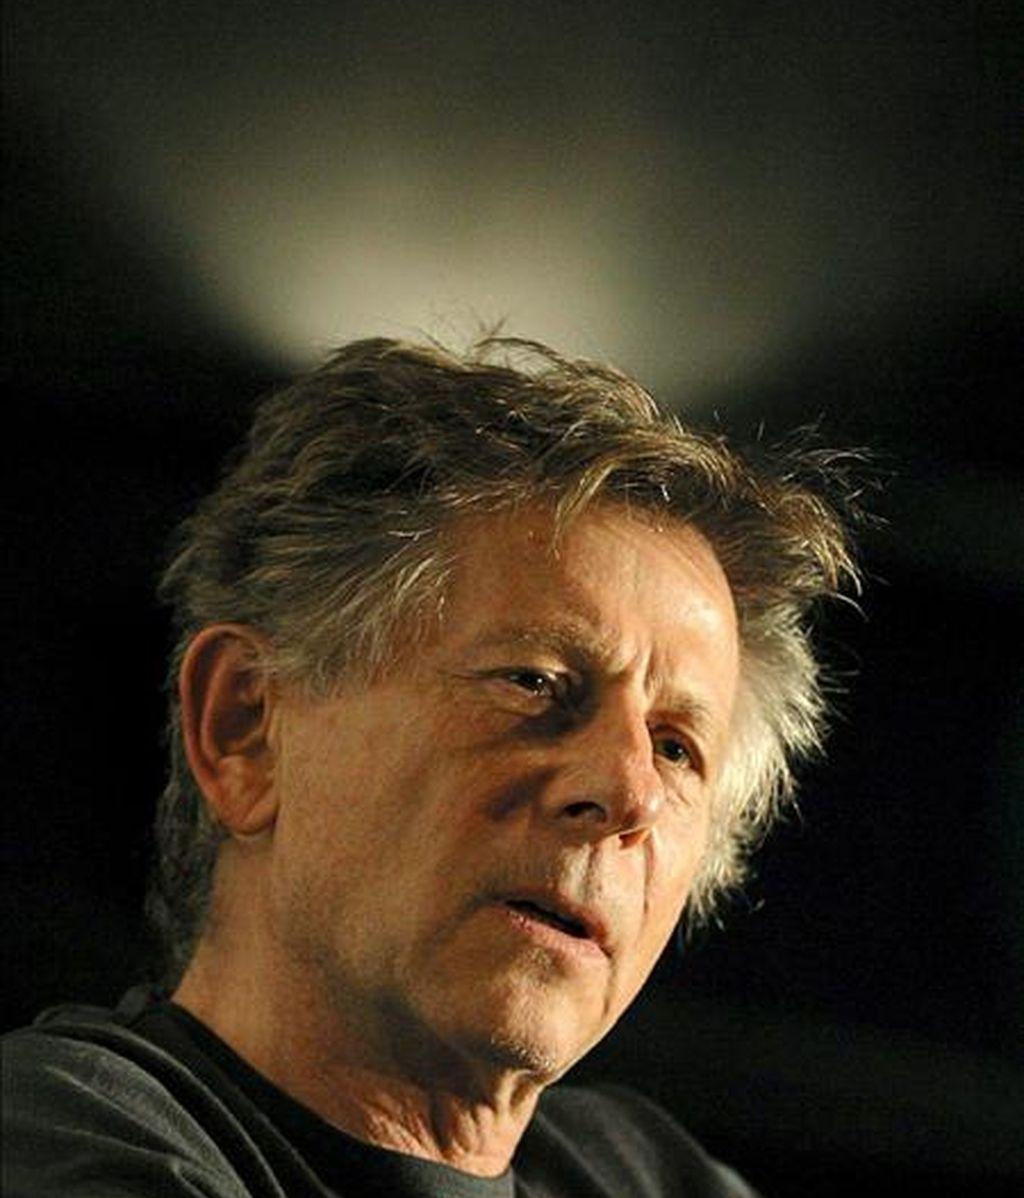 """Fotografía de archivo tomada el 22 de marzo de 2004 que muestra al cineasta franco-polaco Roman Polanski durante una rueda de prensa en Sao Paulo, Brasil. Polanski, acusado en Estados Unidos de haber mantenido relaciones sexuales con una menor hace 33 años, ha quedado """"libre"""" tras rechazar Suiza extraditarle a ese país. EFE"""